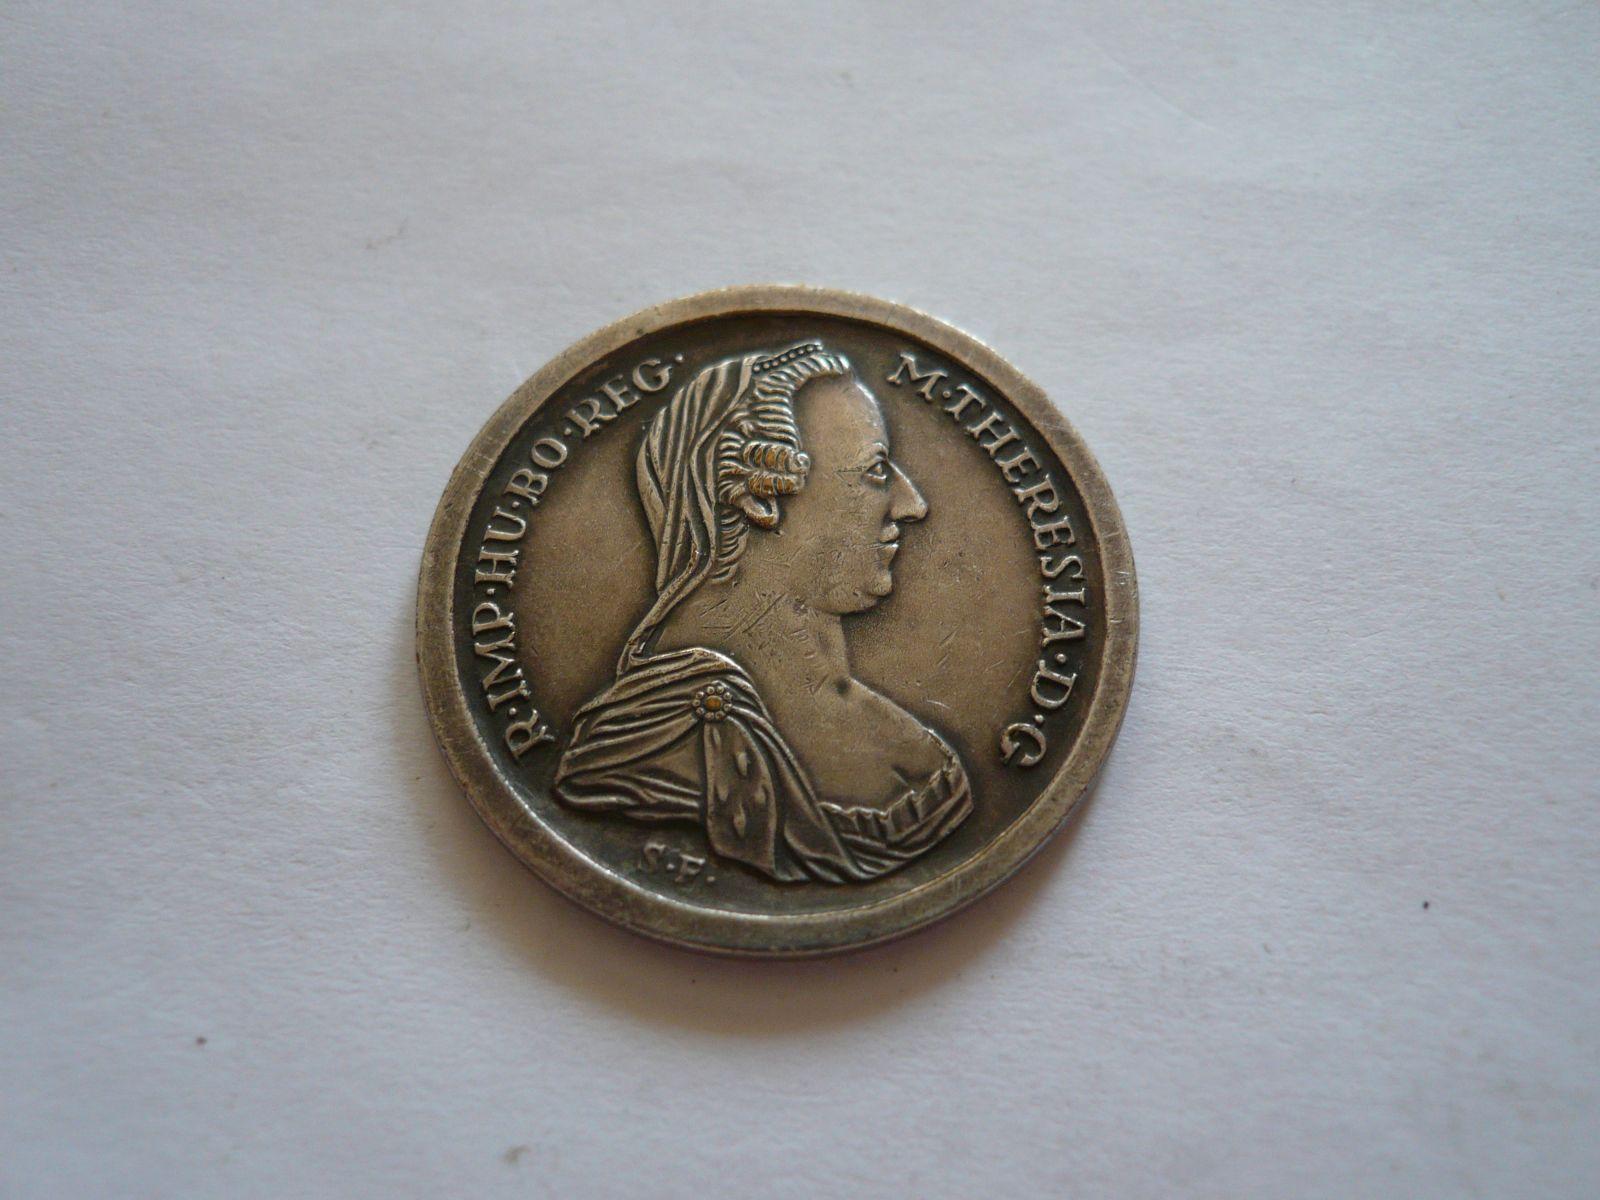 pamětní medaile postříbřená, 1780, Rakousko